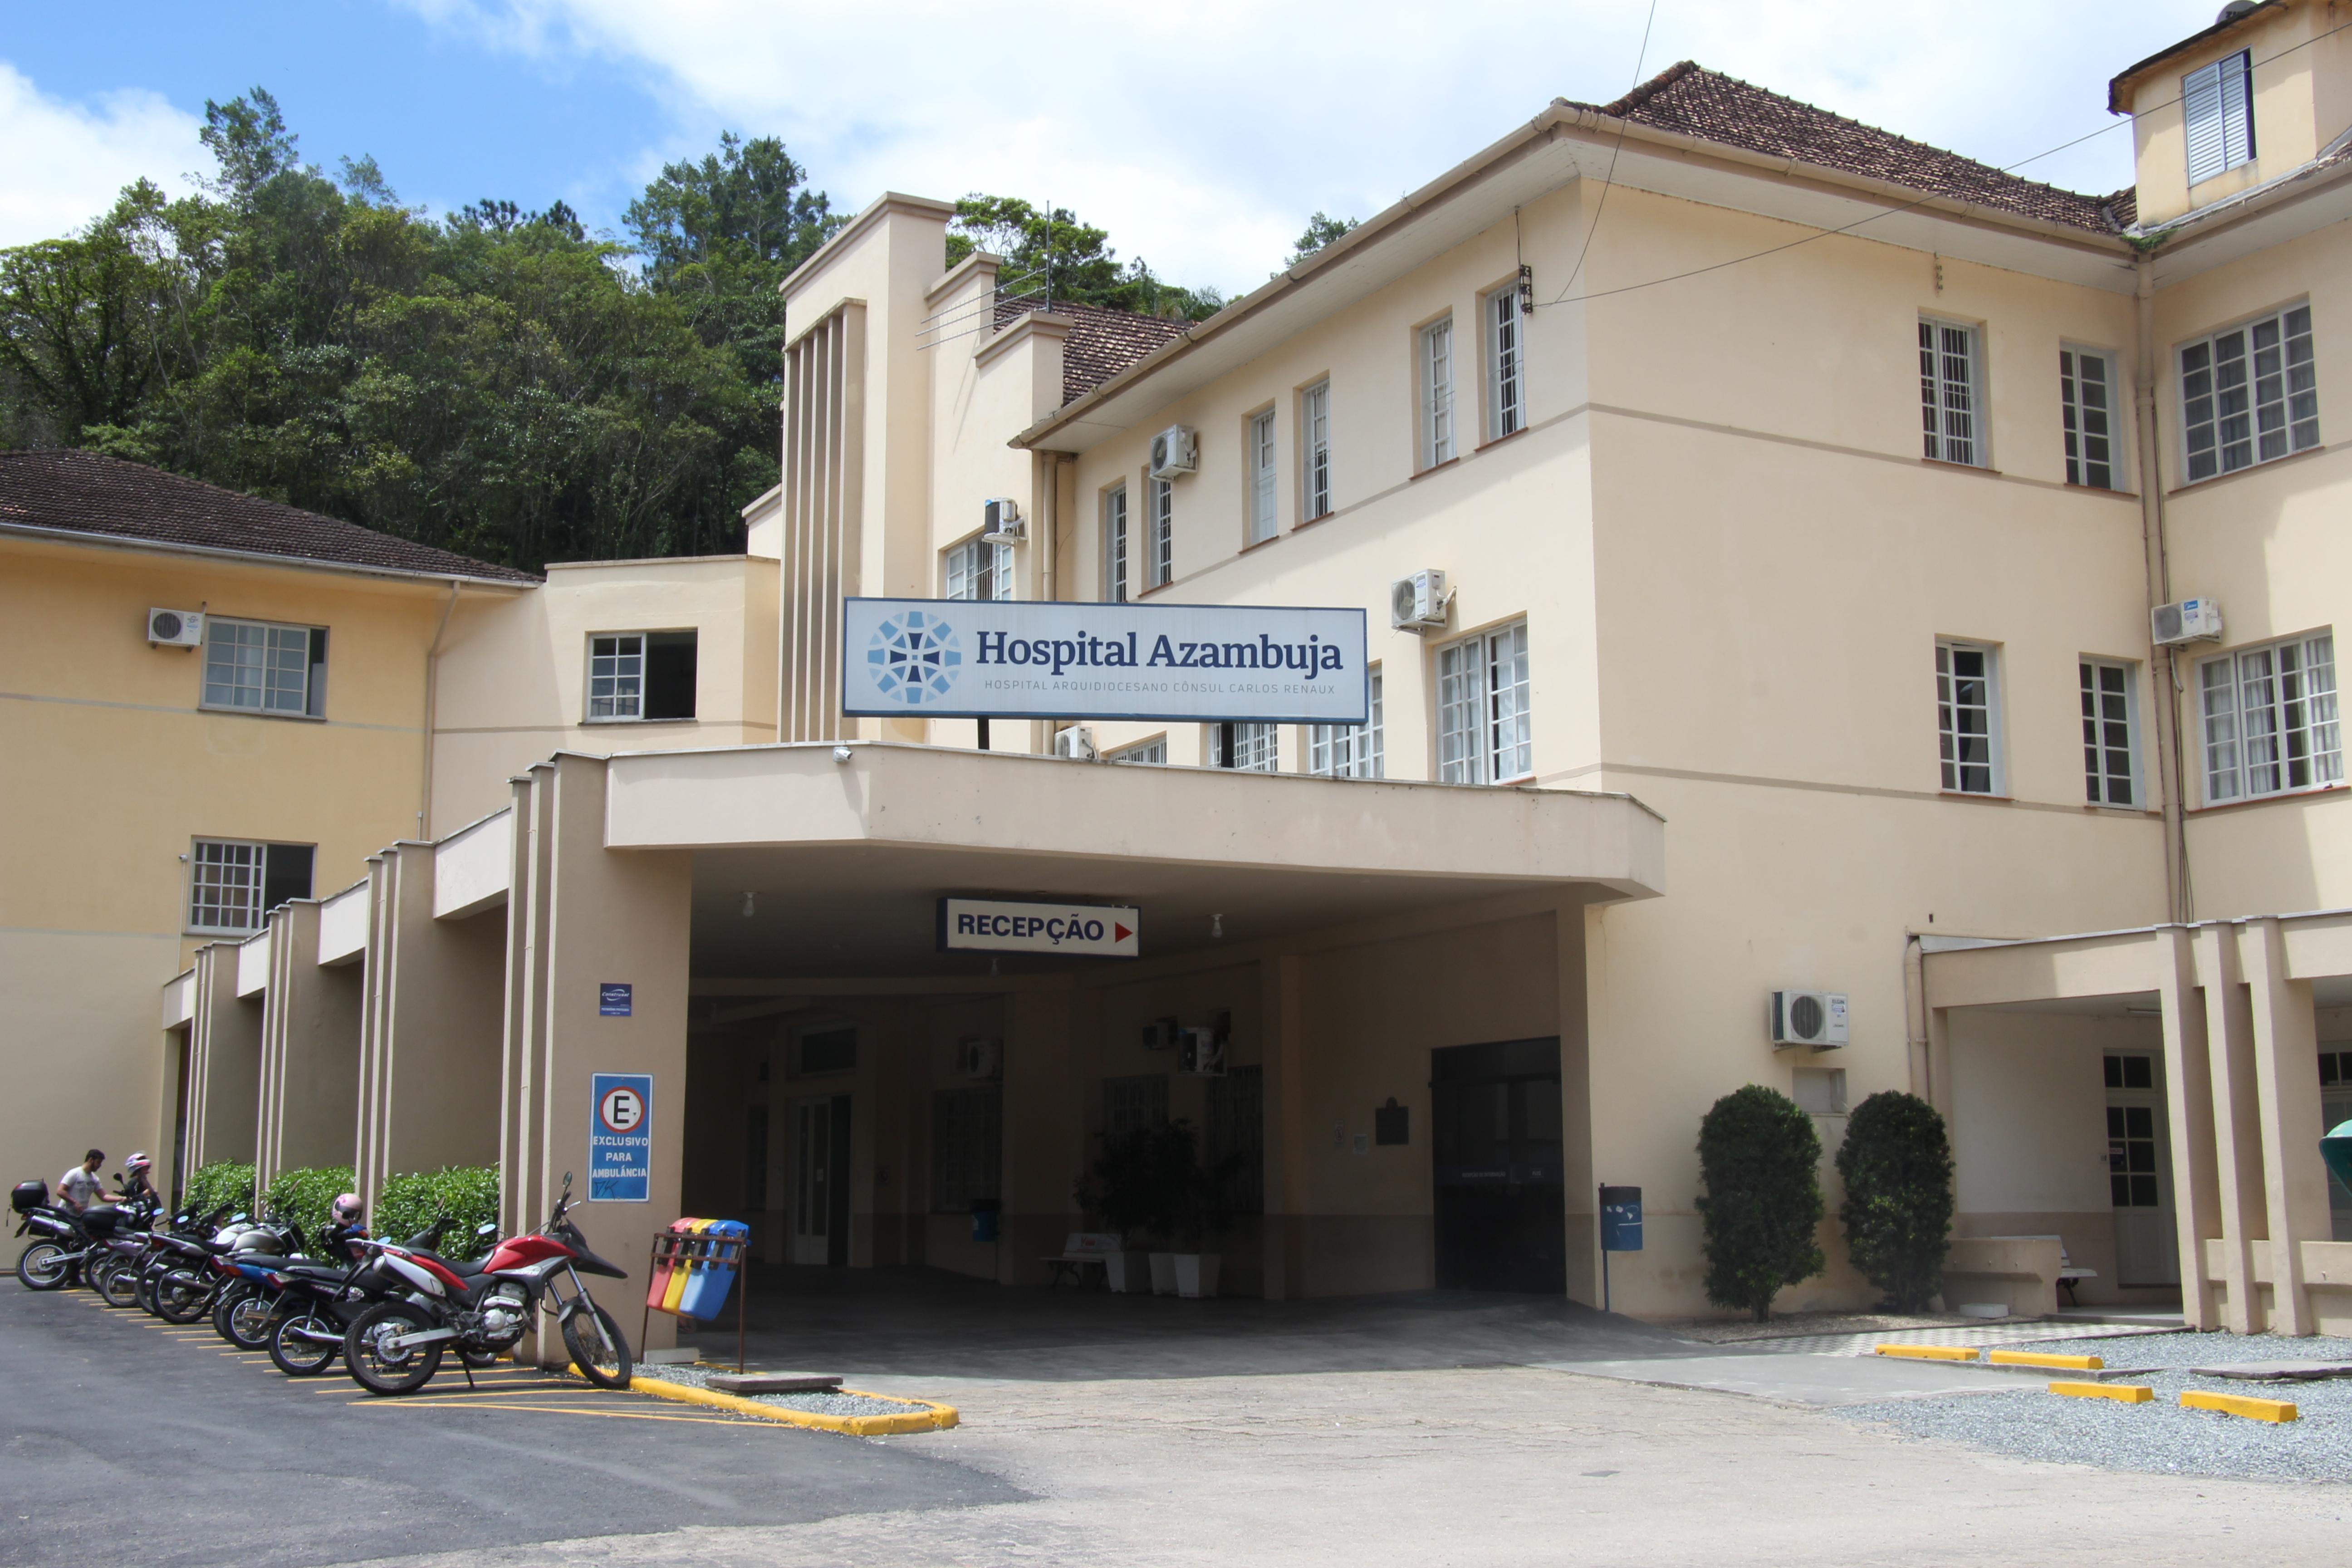 Residência Médica promove aprimoramento de serviços para a comunidade